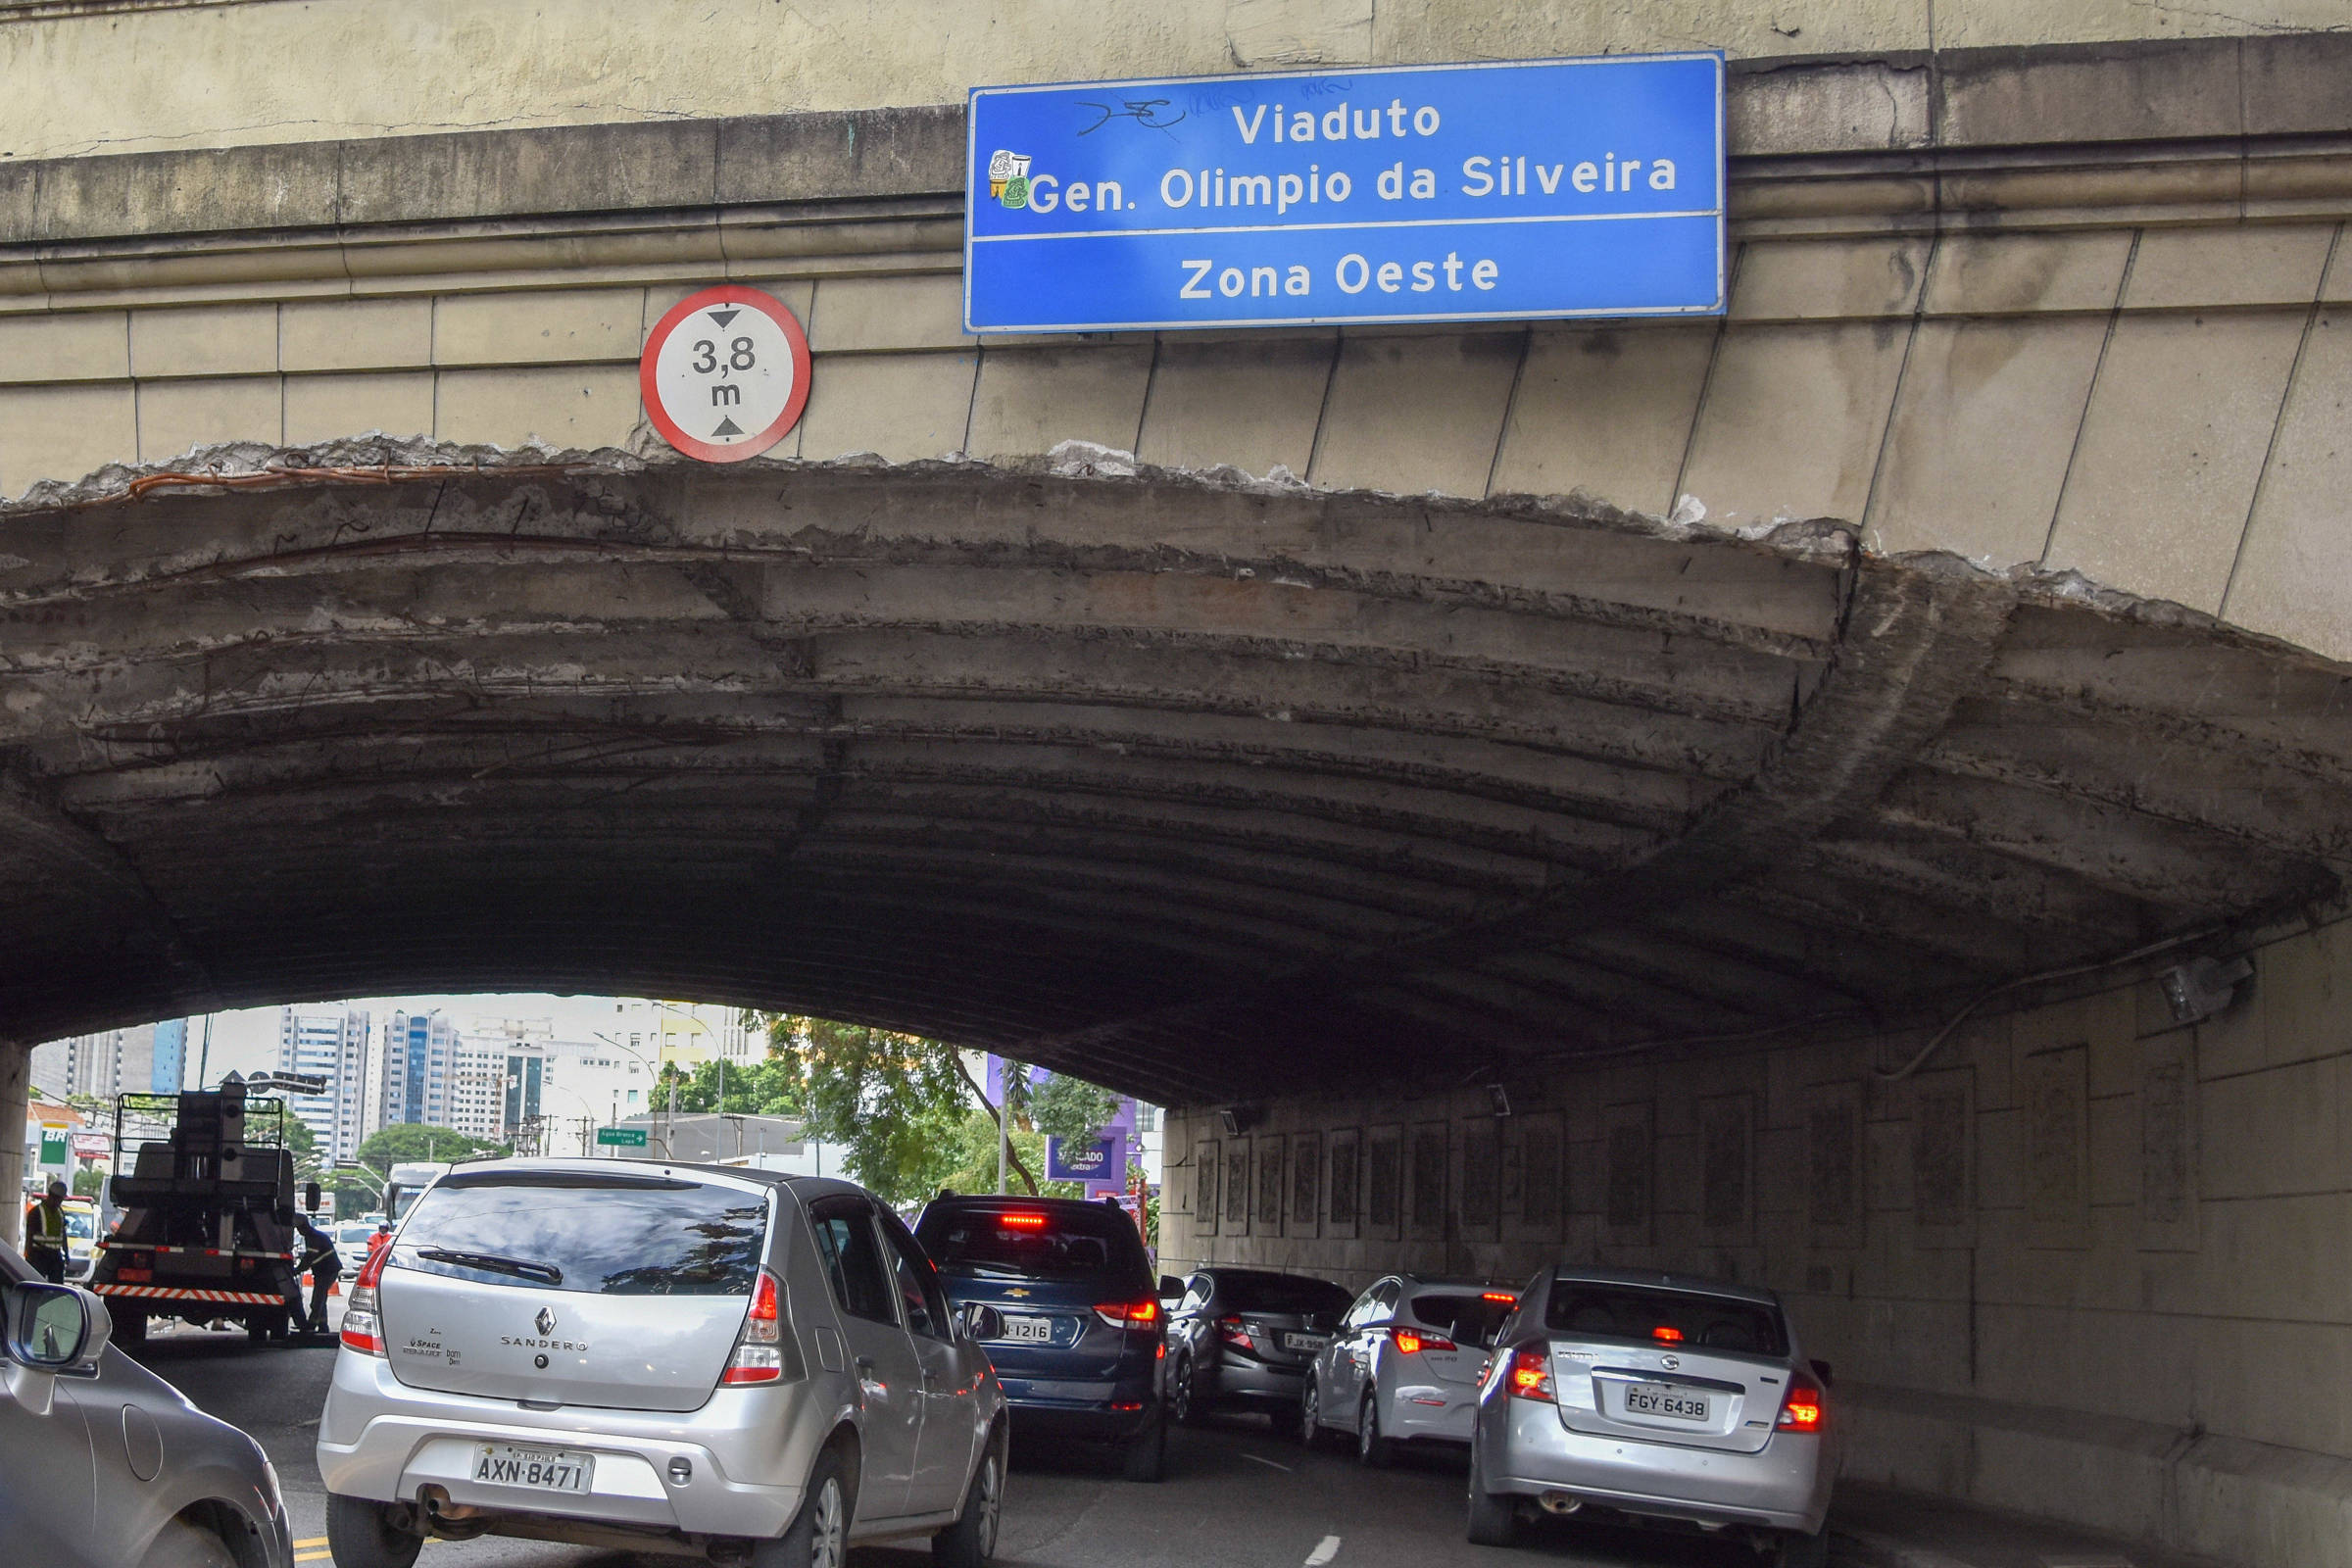 Gestão Covas veta caminhões no viaduto General Olímpio da Silveira